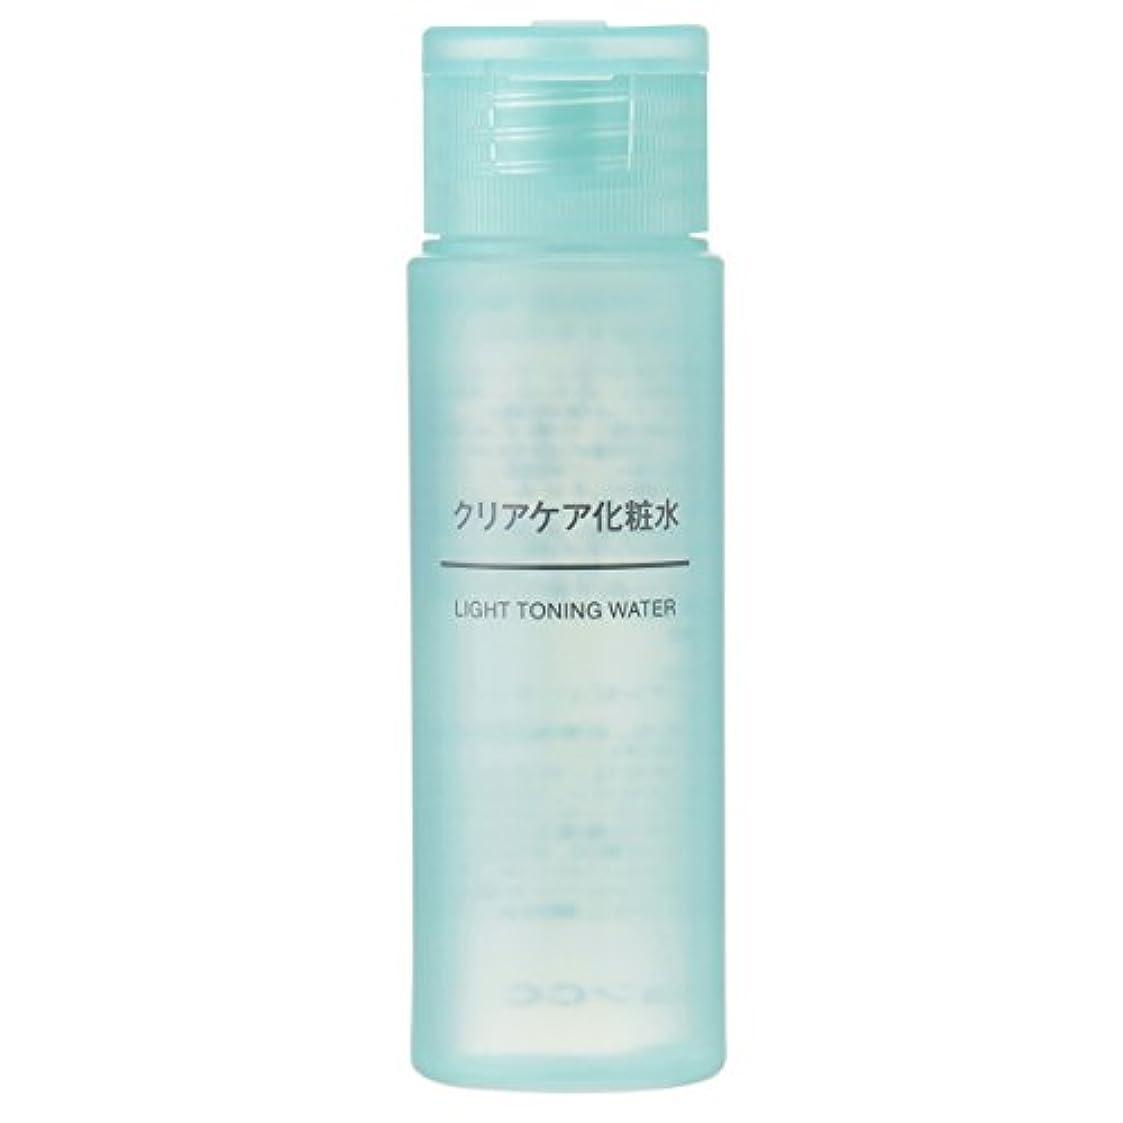 誓い気晴らし管理する無印良品 クリアケア化粧水(携帯用) 50ml